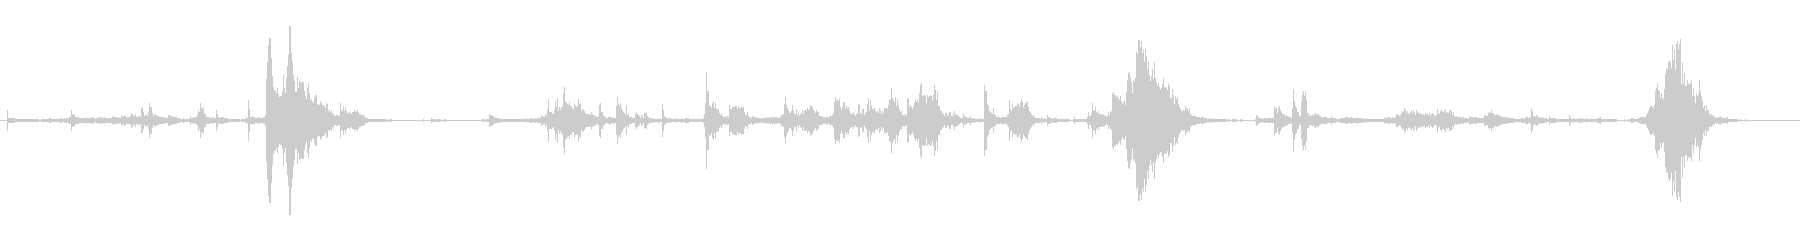 クラシックオールドムービーボディの滝の未再生の波形